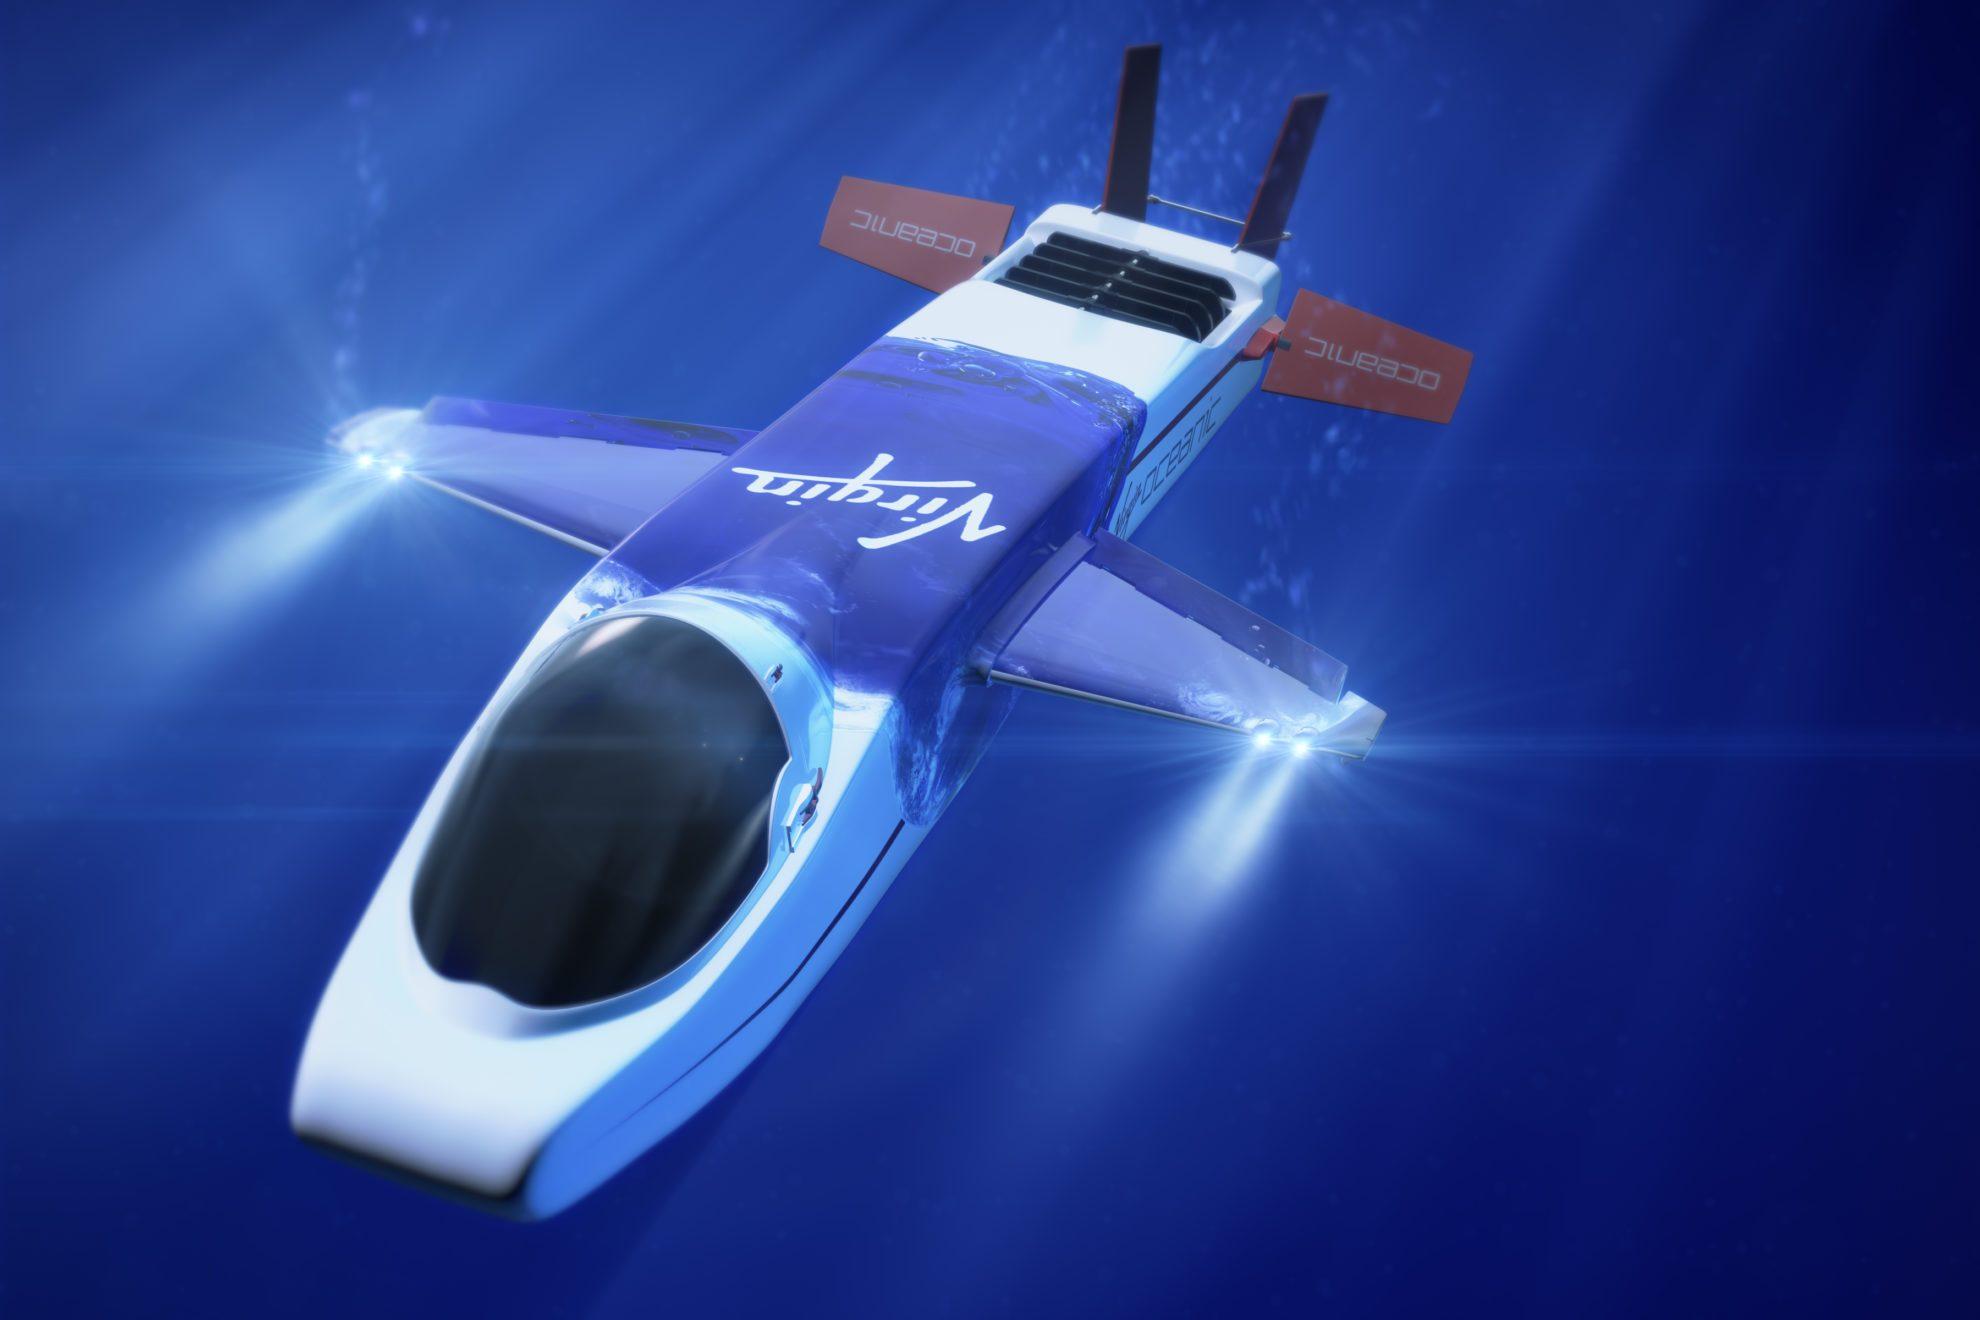 Еще одно морское увлечение - глубоководный аппарат  -Virgin Oceanic (Хоукс именует его DeepFlight Challenger)